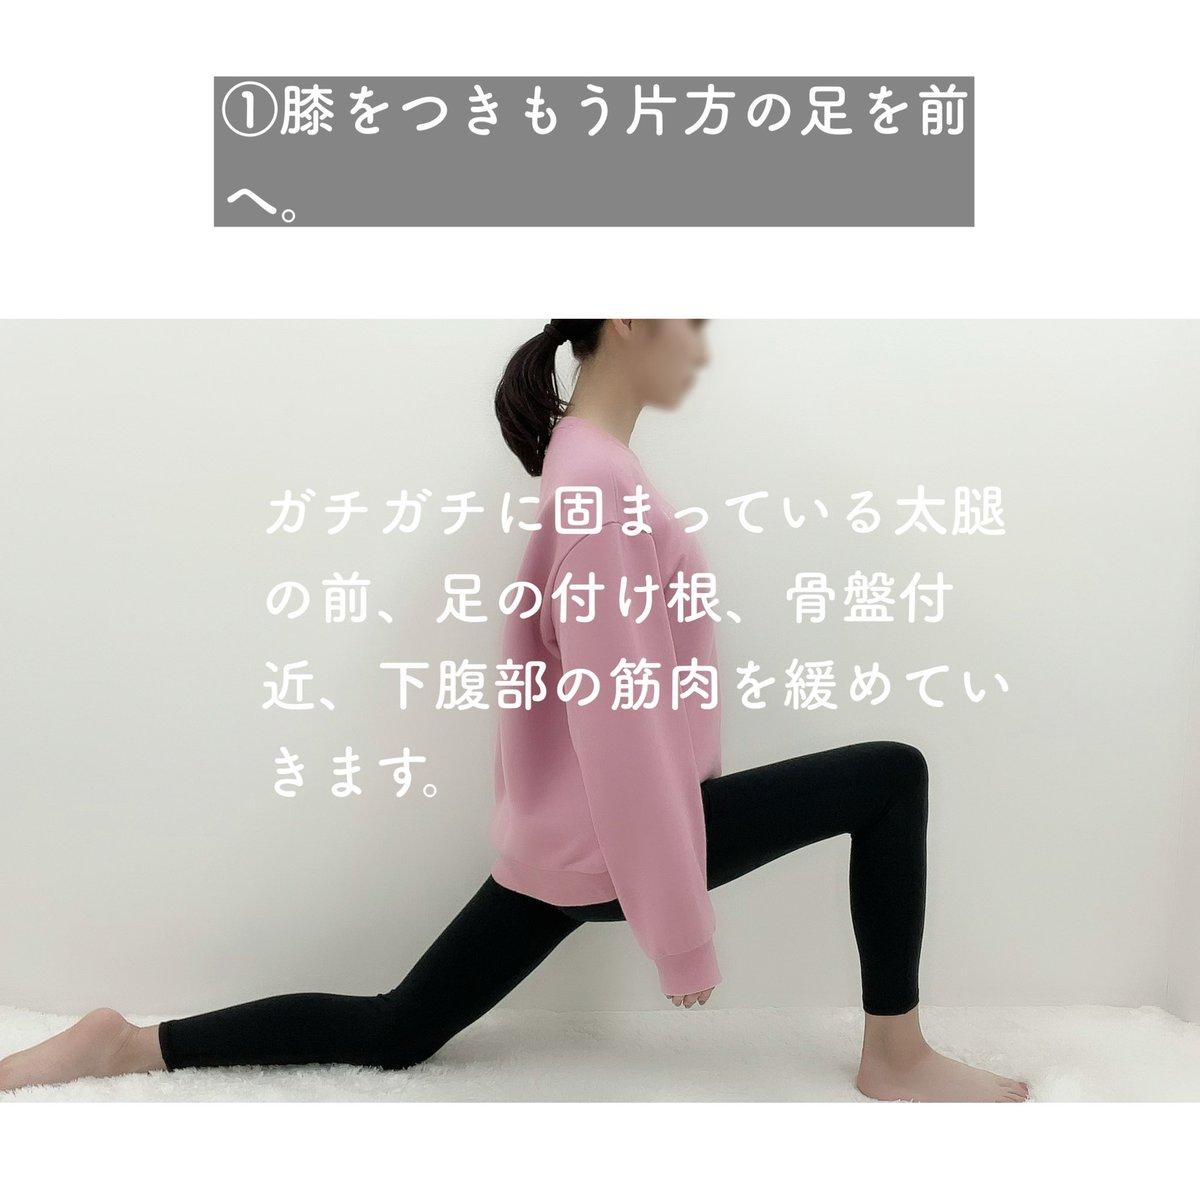 骨盤が歪んでいる人必見!姿勢の色んな悩みに効くストレッチをご紹介!